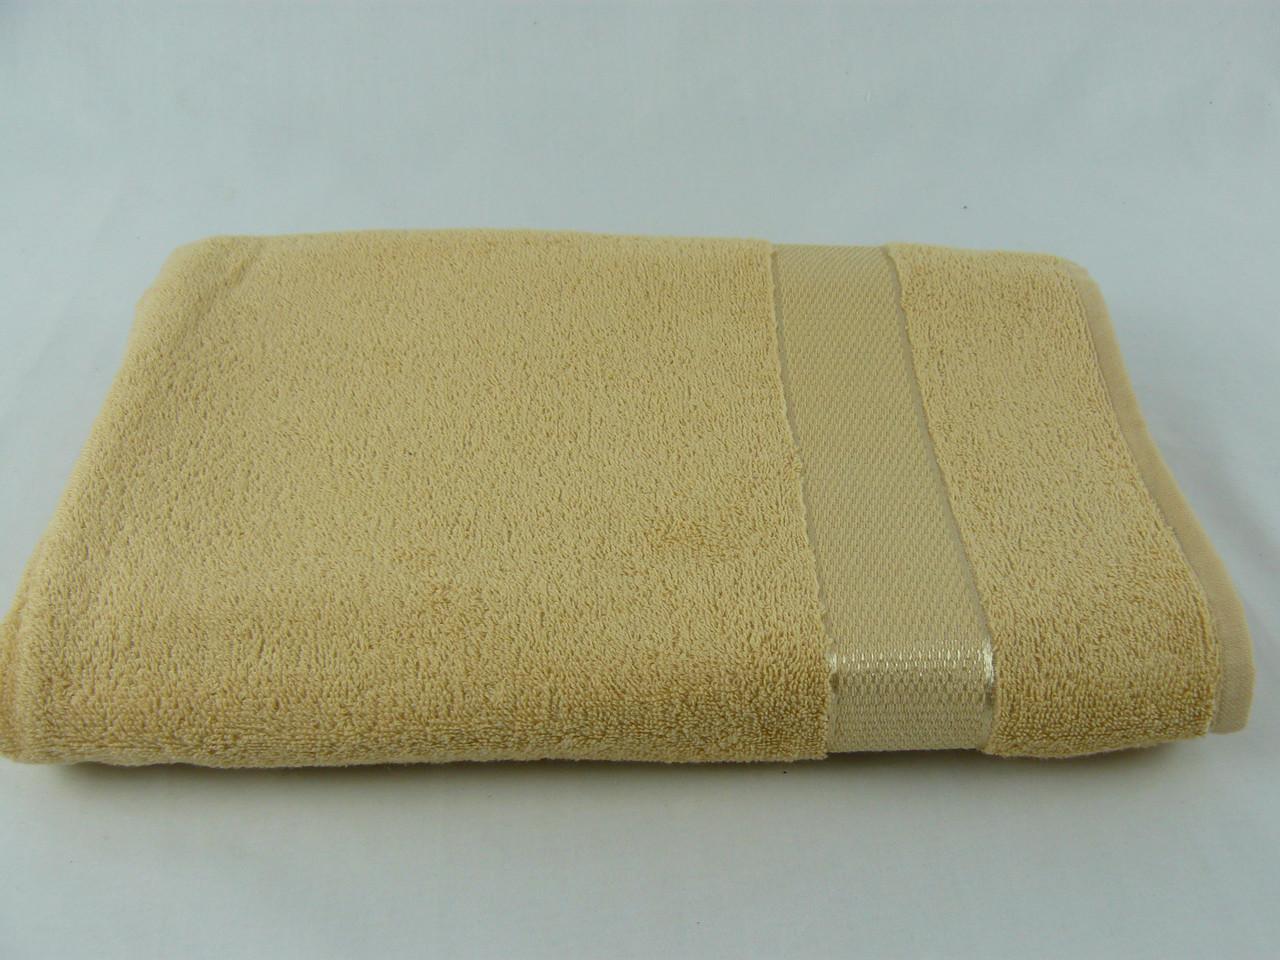 Махровое полотенце 100х150, плотность 400гр/м2